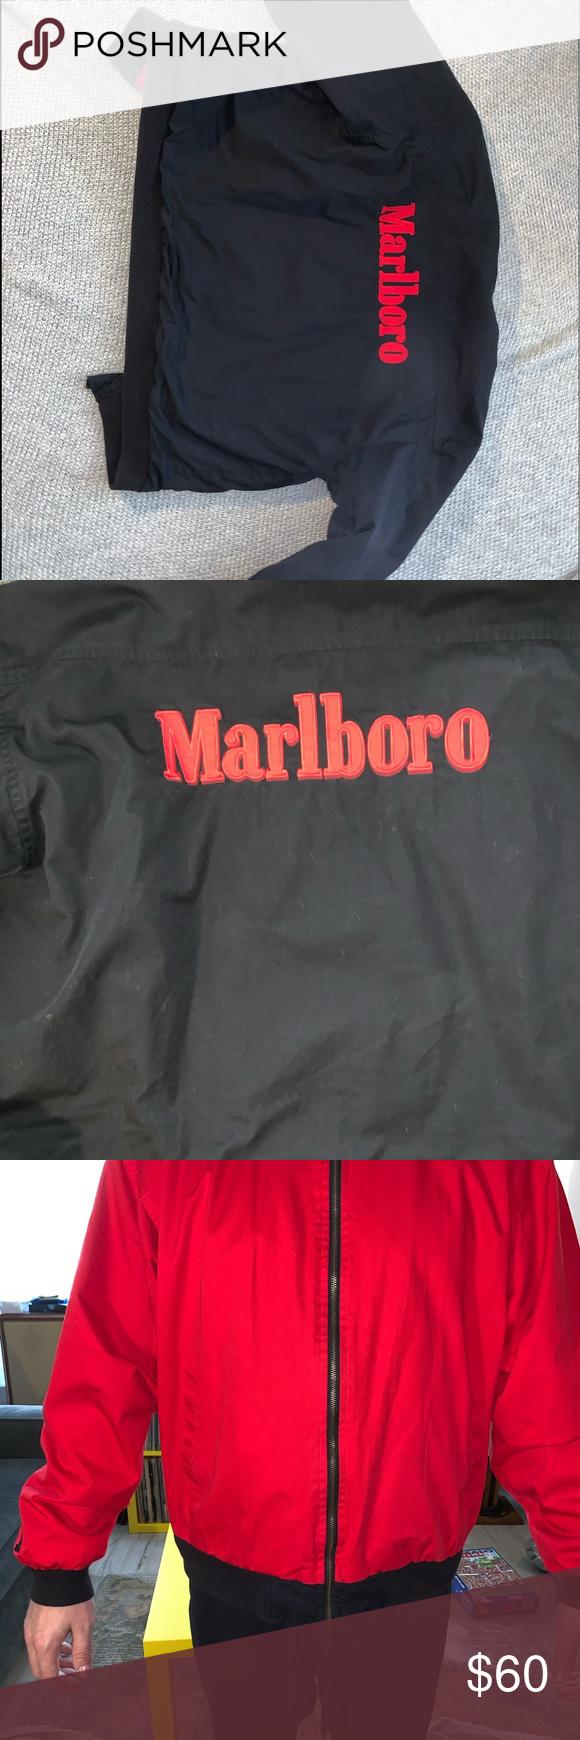 Vintage Marlboro Jacket Reversible Men S Xl Marlboro Jacket Jackets Mens Xl